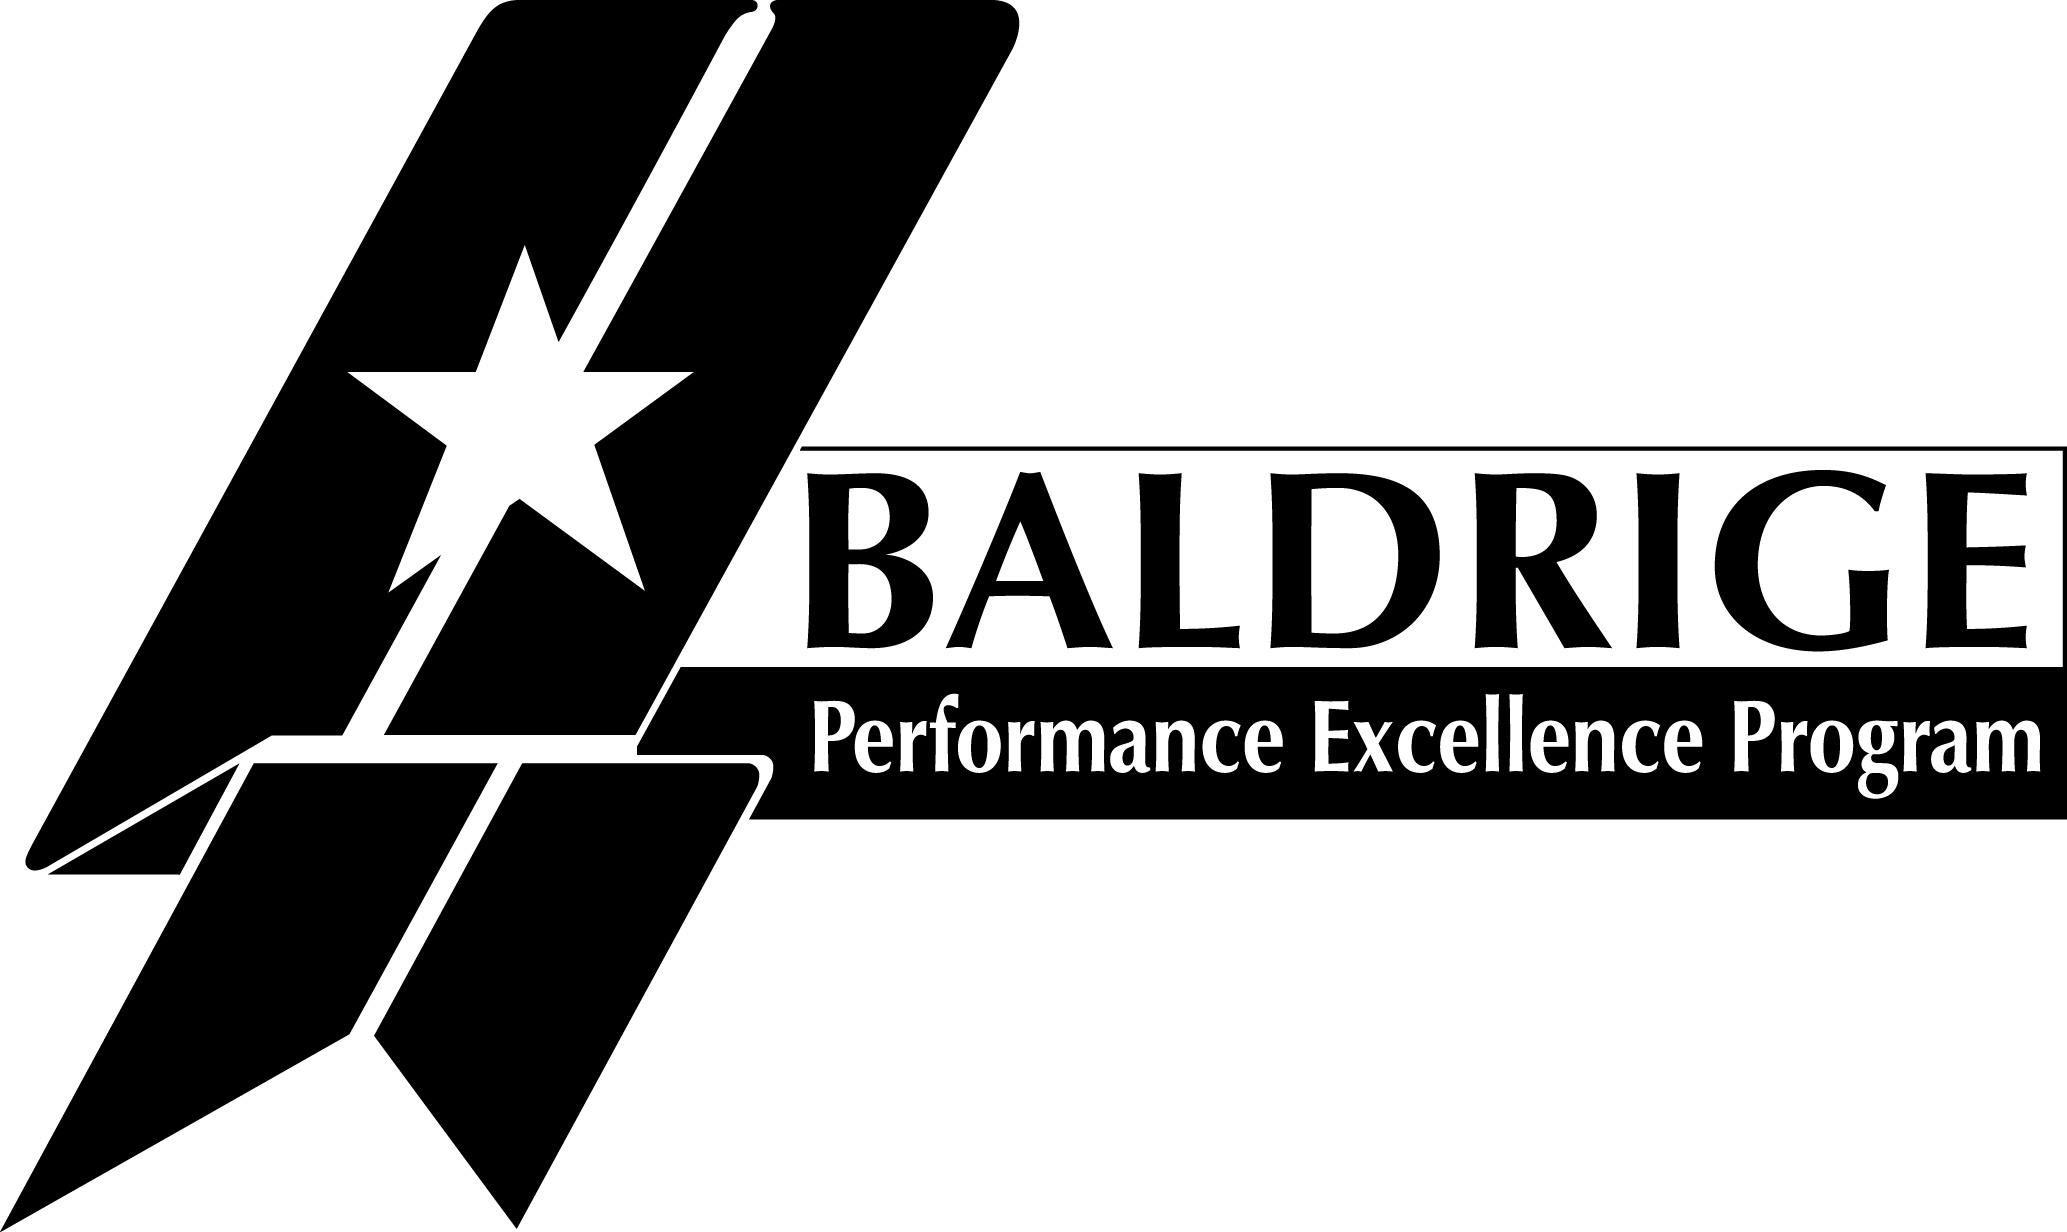 Baldrige Logo.jpg